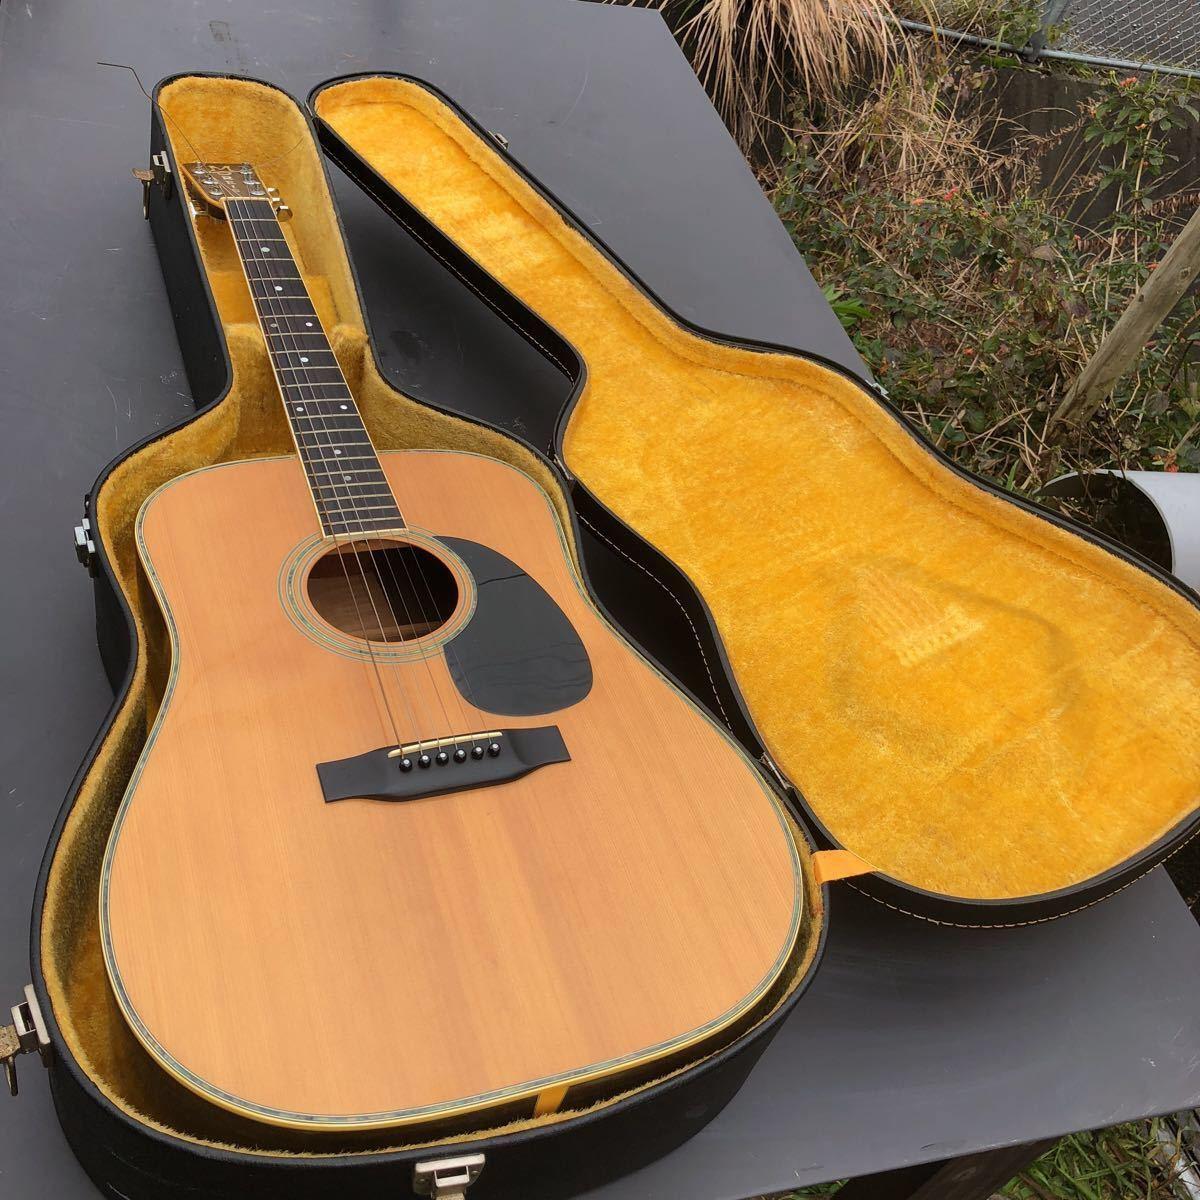 MORRIS スペシャル w50 ギター ハードケース付き